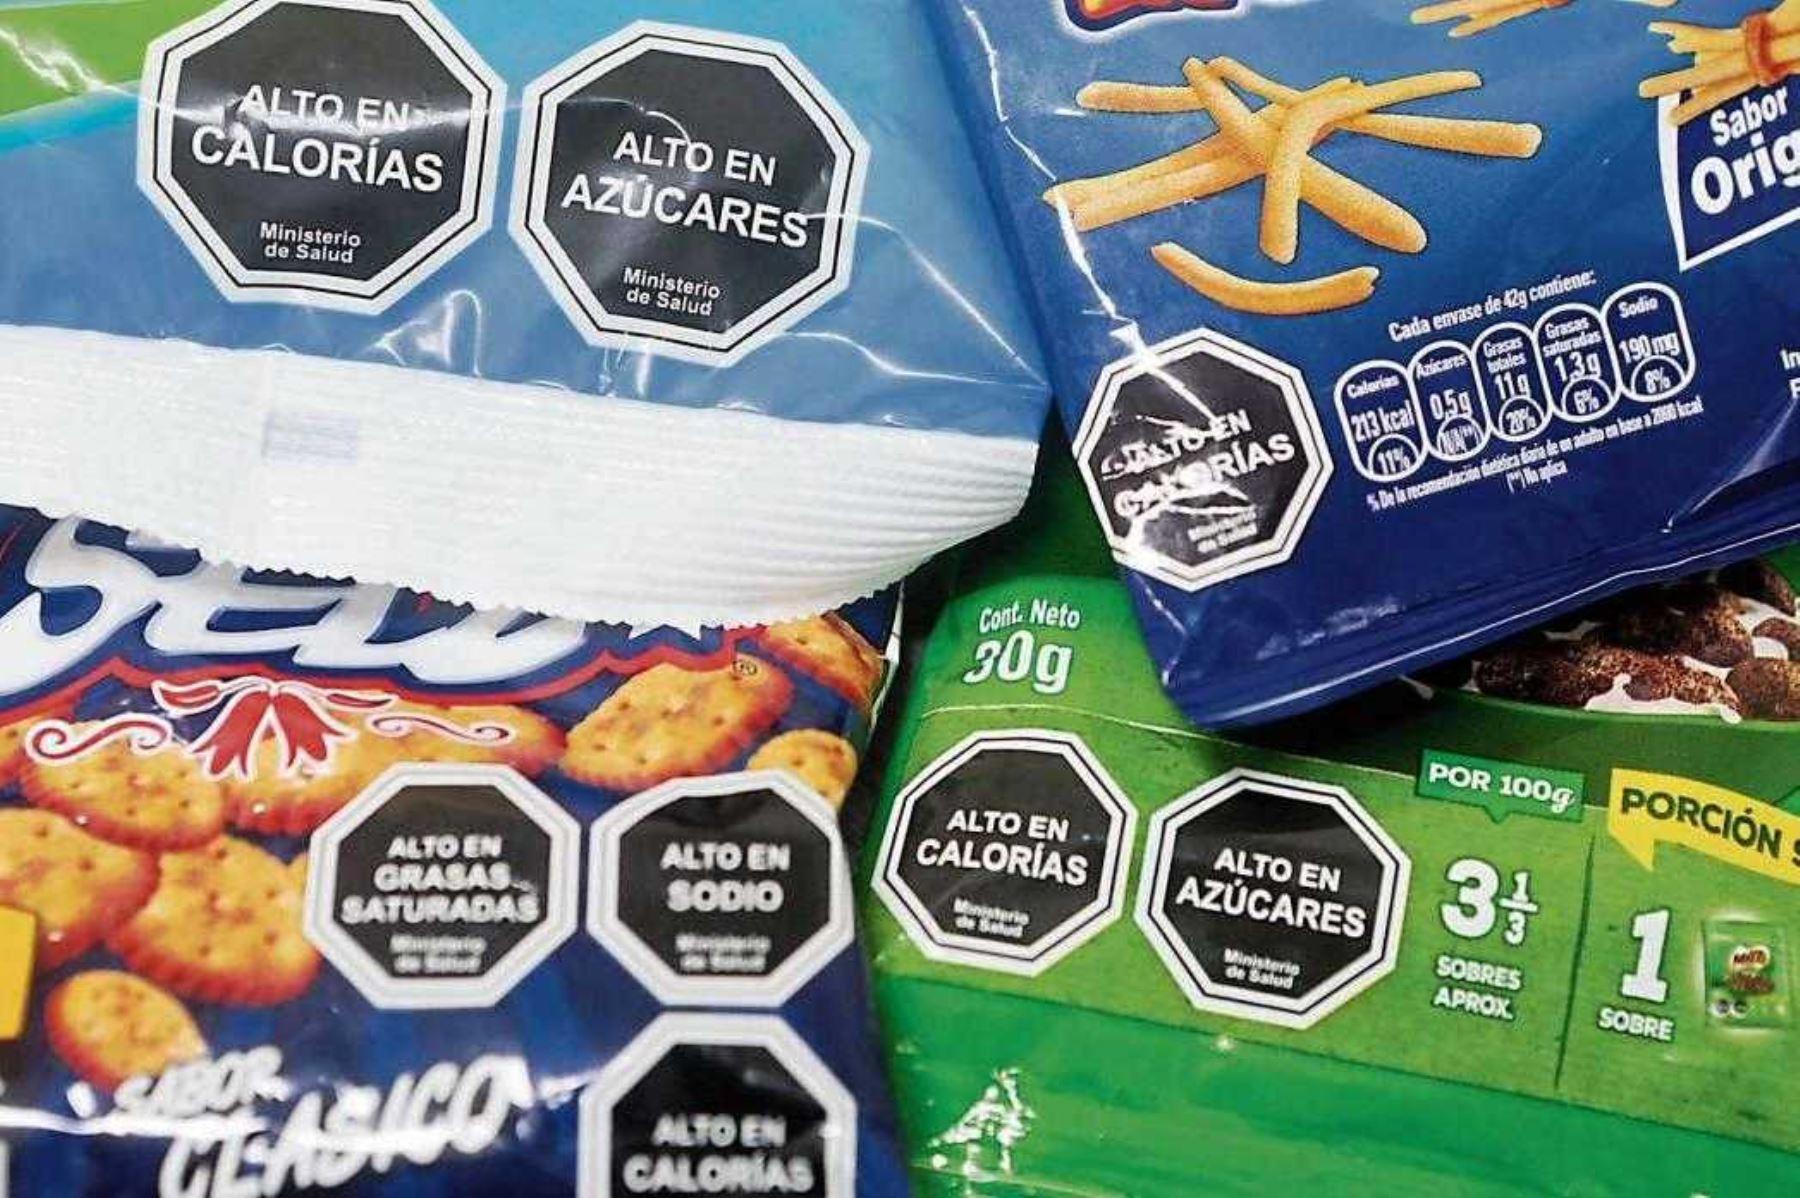 minsa-apelara-resolucion-de-indecopi-que-declara-ilegal-criterios-sobre-la-publicidad-de-productos-con-octogonos